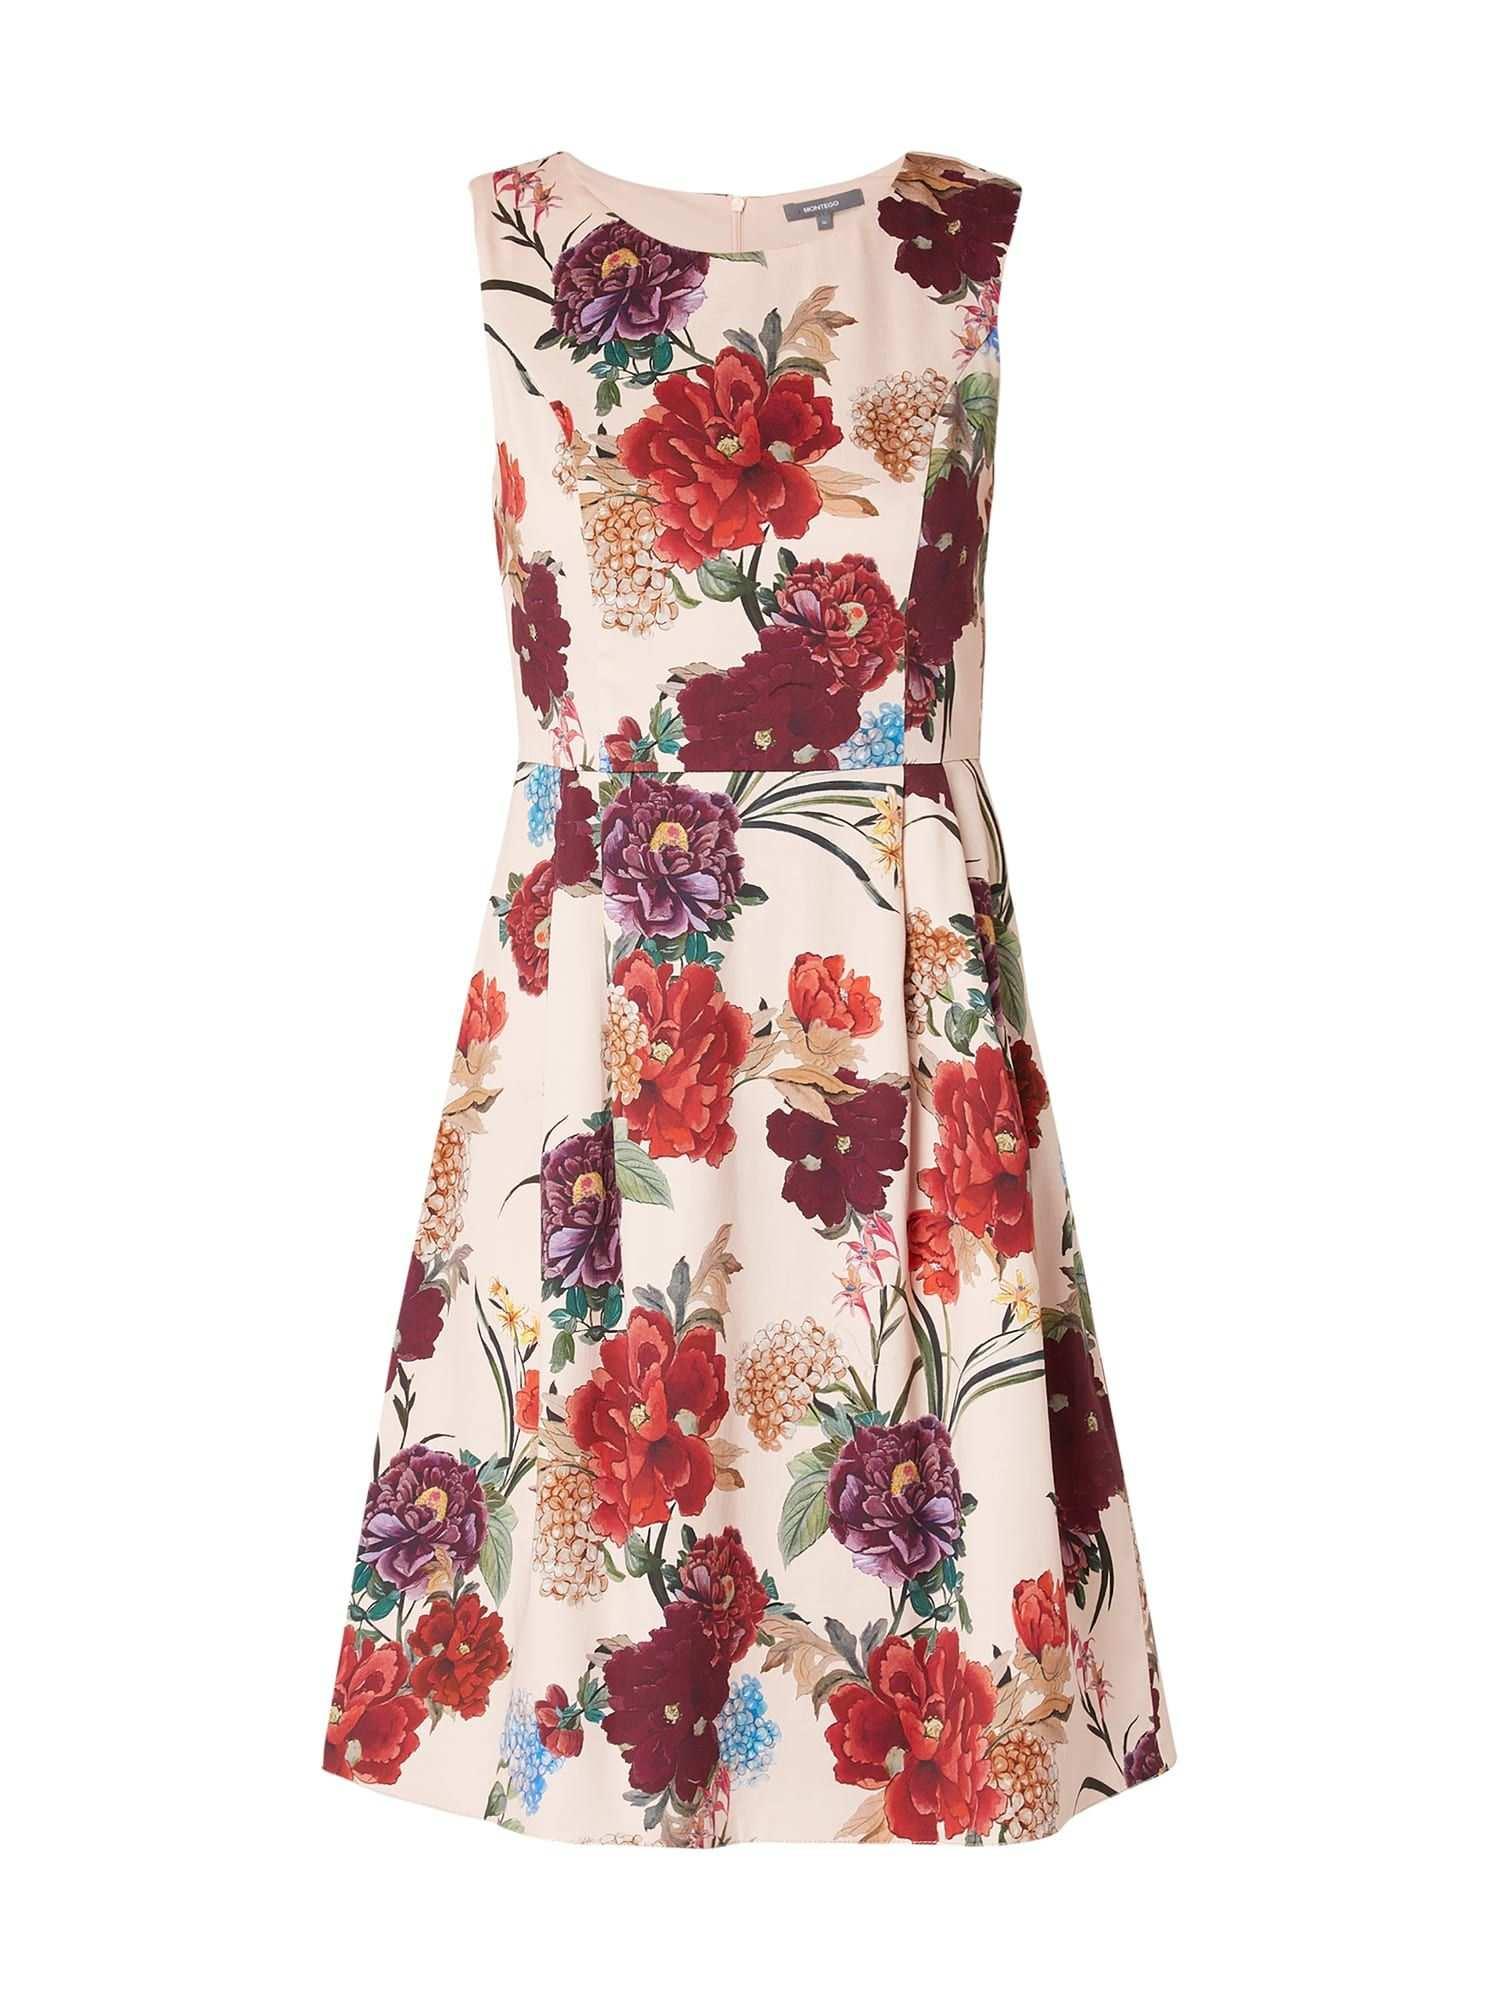 Bei P C Freizeitkleider Von Montego Jetzt Montego Kleid Mit Floralem Muster In Rose Online Kaufen 9813640 Freizeitkleider Kleider Floral Muster